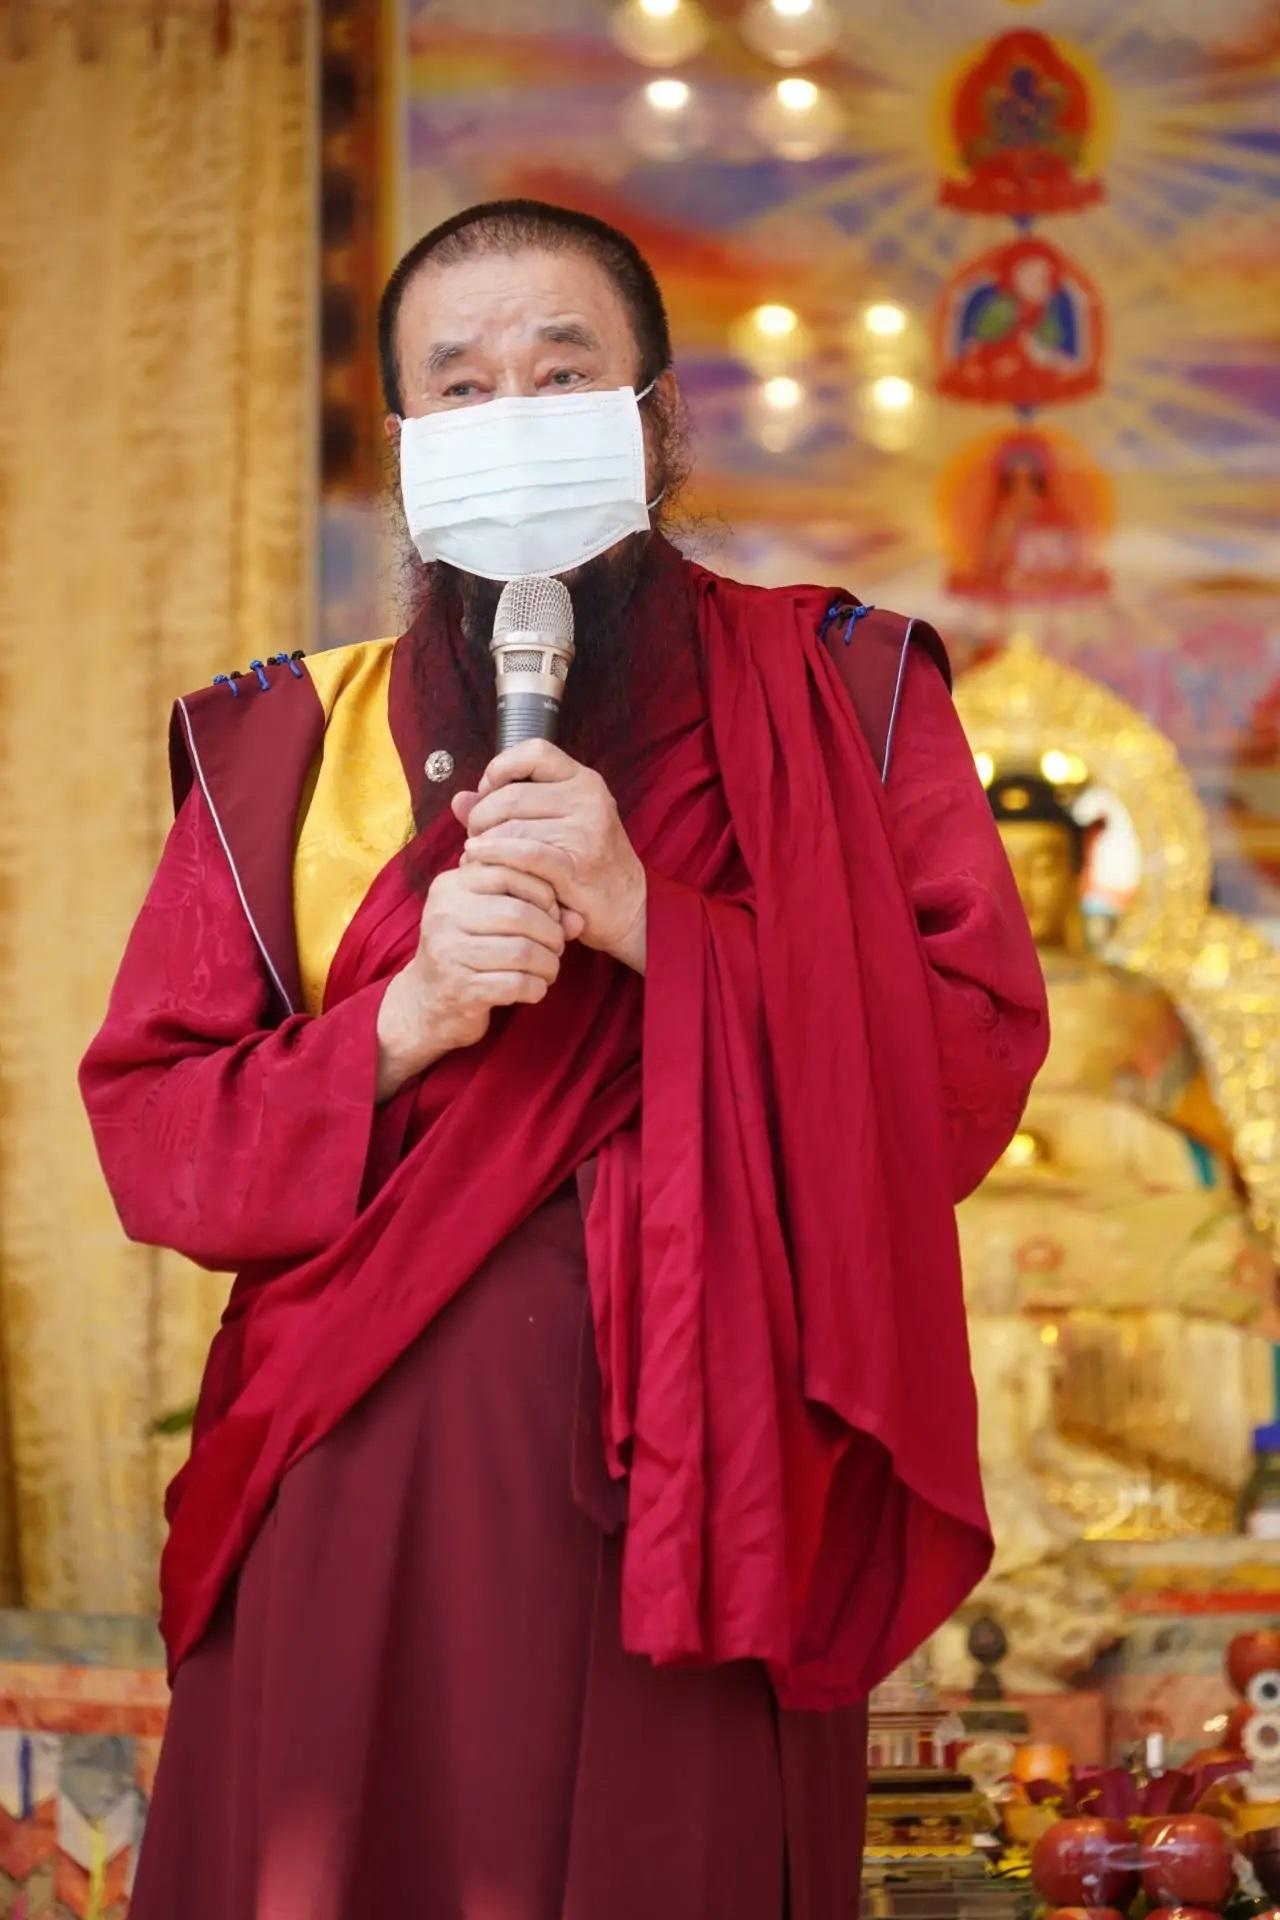 世界佛教正心會指導金剛上師恆性嘉措仁波且表示:由第三世多杰羌佛辦公室發出的:南無羌佛說法:這才是確保佛教徒成就的真正的無敵金剛法,感恩至高偉大的世界佛教教皇 南無第三世多杰羌佛將如來正法宣講於世,身為佛弟子的我們都要將佛法宣揚出去,接引更多人來學佛,讓更多人學習正法